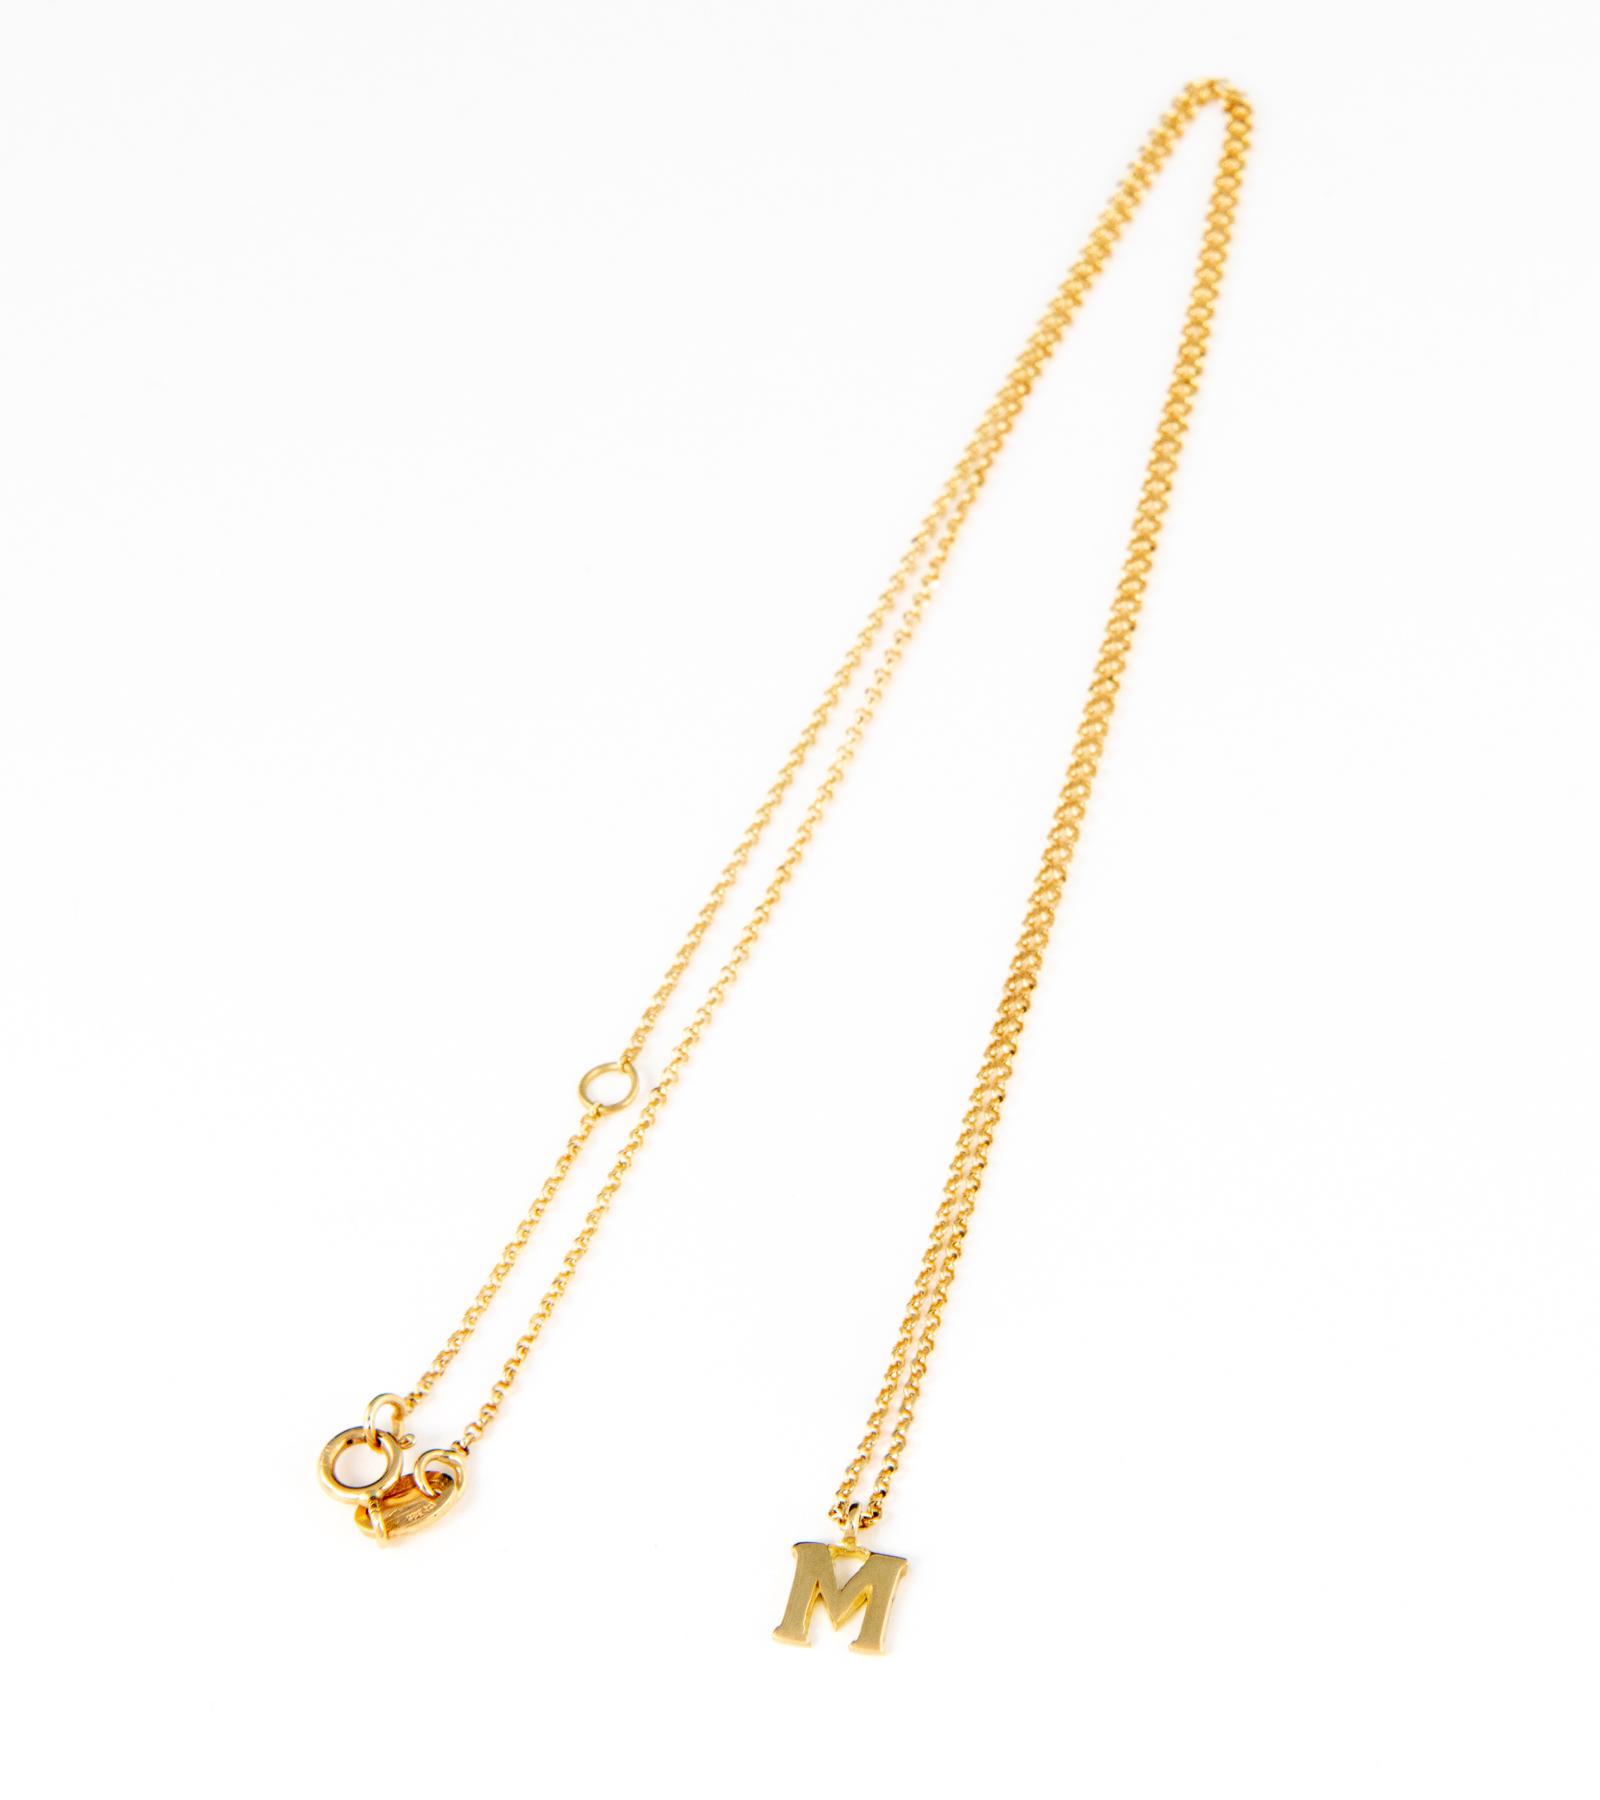 Gargantilla de mujer en oro amarillo con letra M.